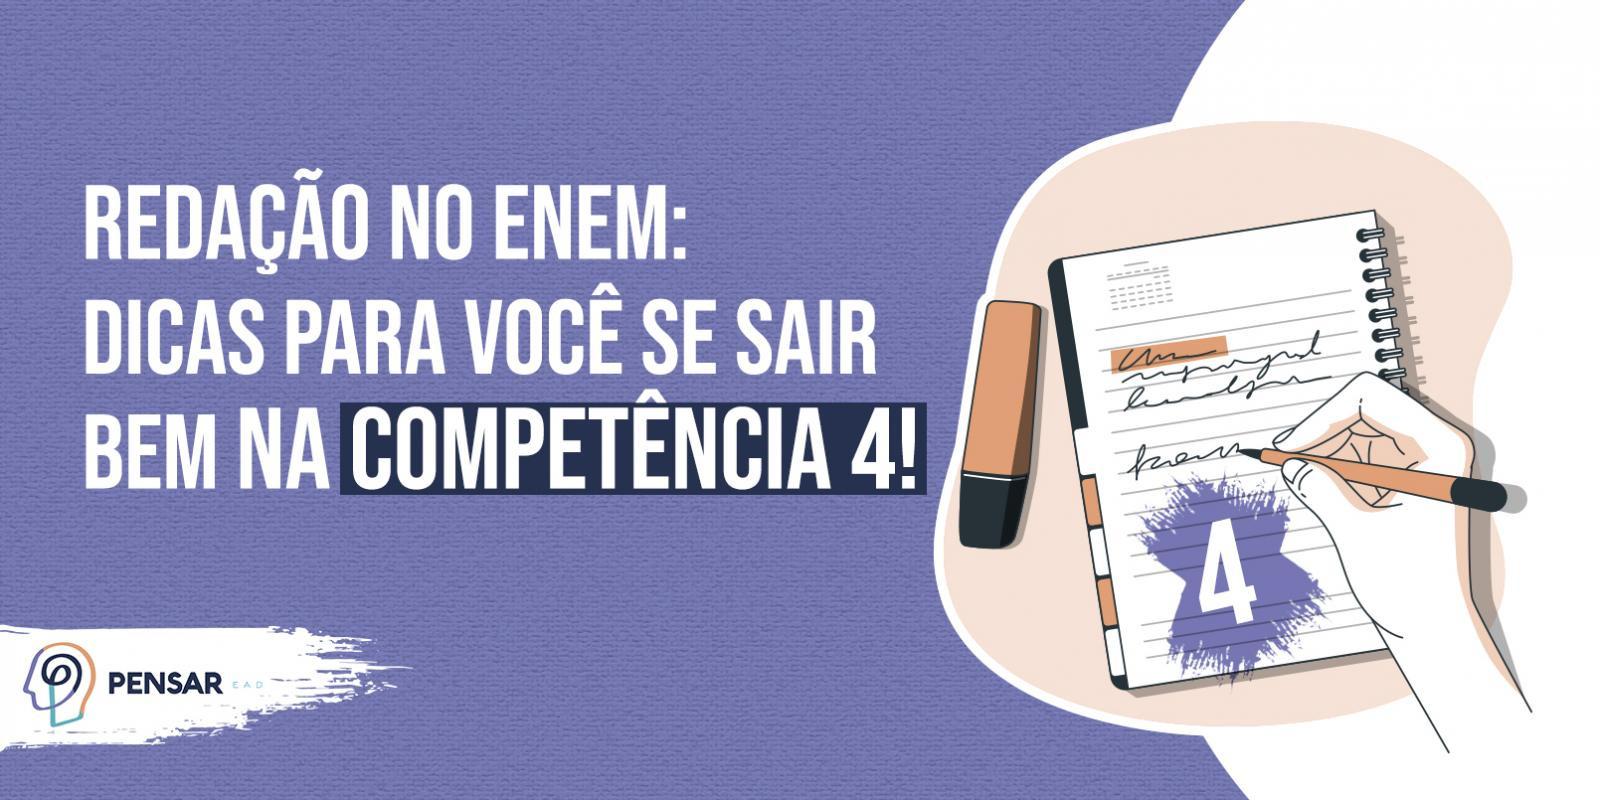 Redação no ENEM: dicas para você se sair bem na competência 4!